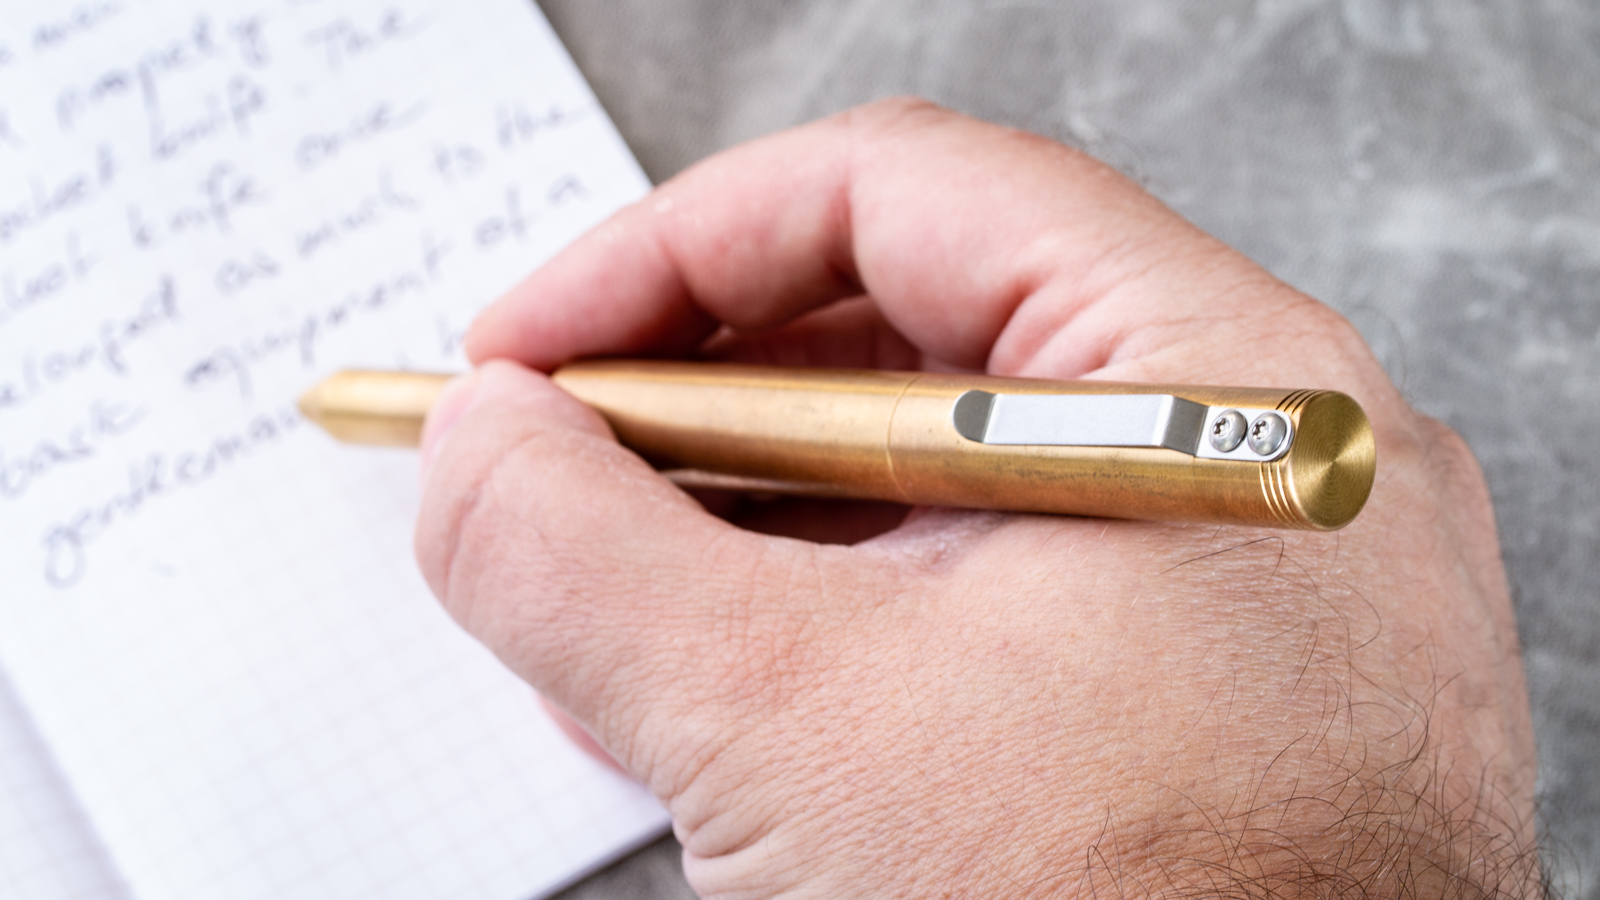 Schon DSGN - Brass Ballpoint Pen